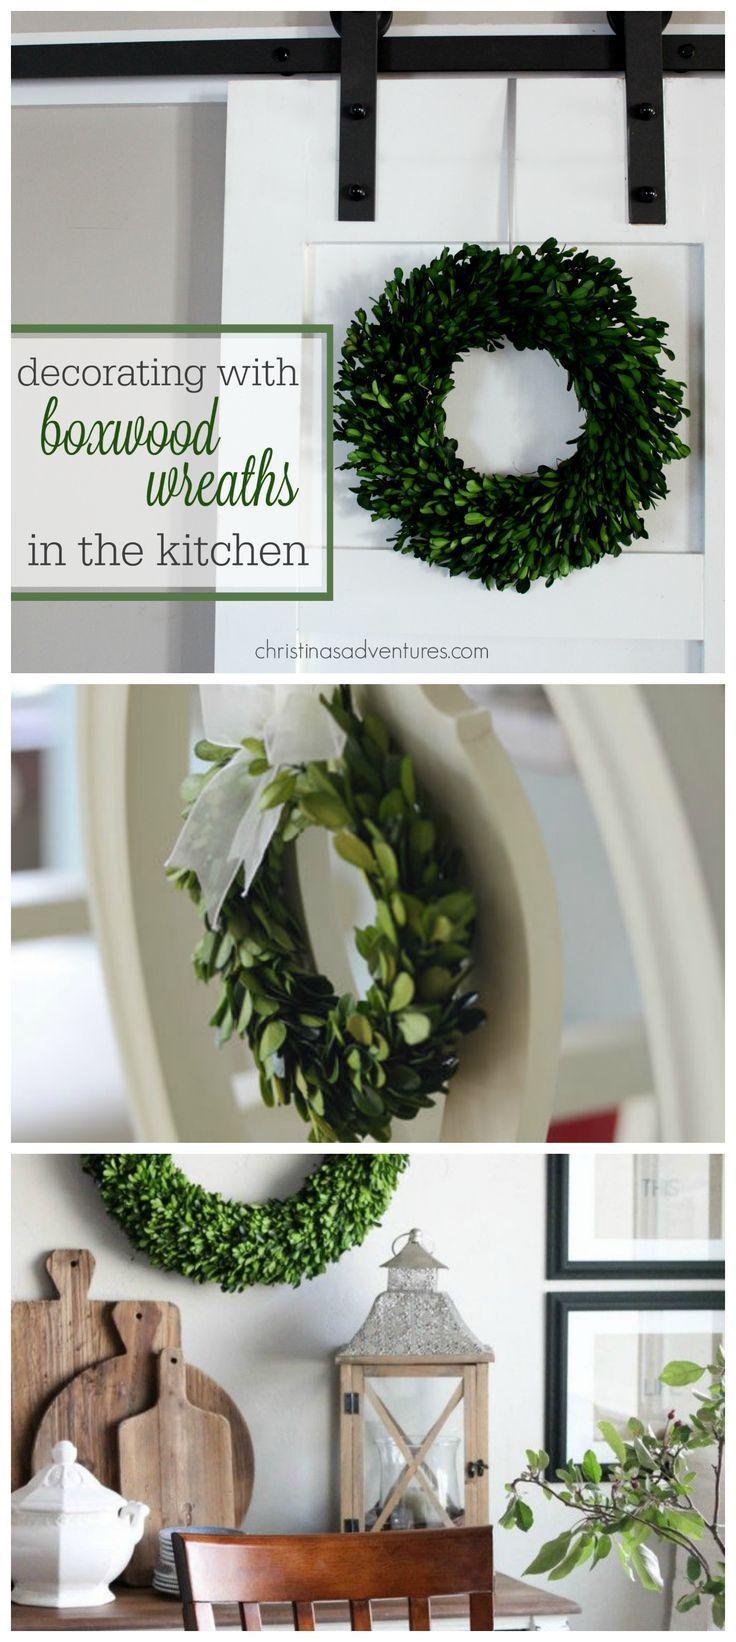 Decorating With Boxwood Wreaths Boxwood Wreath Decor Boxwood Wreath Classic Home Decor